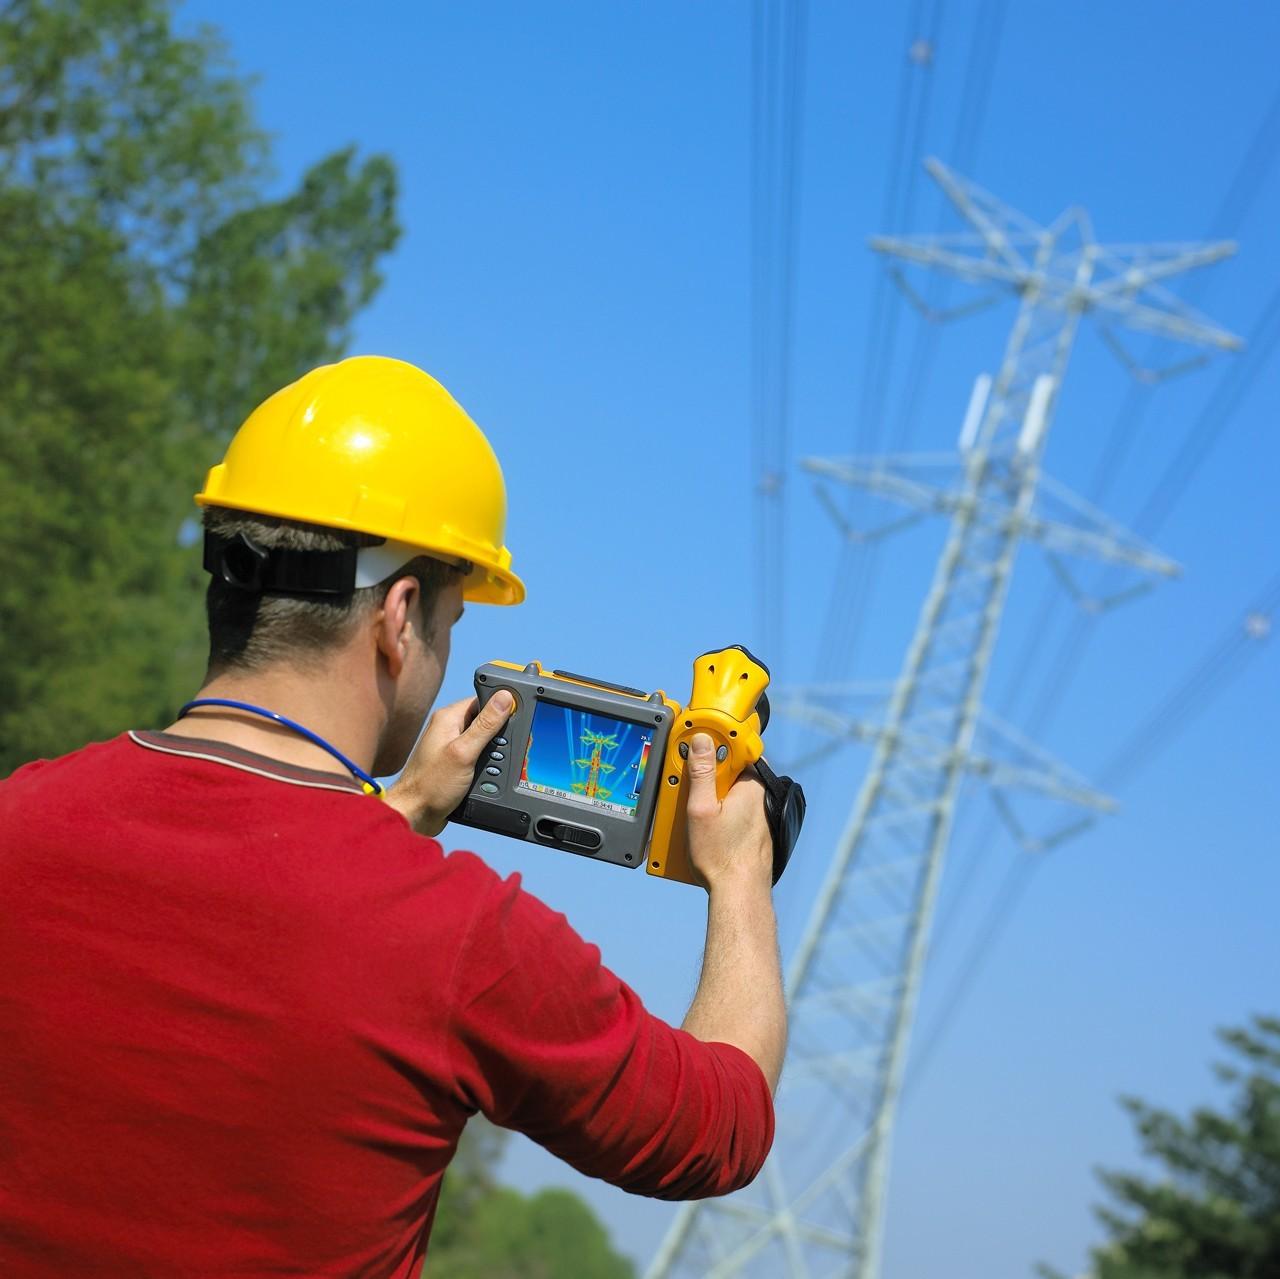 Энергосбережение на предприятии. эффективная экономия ресурсов.